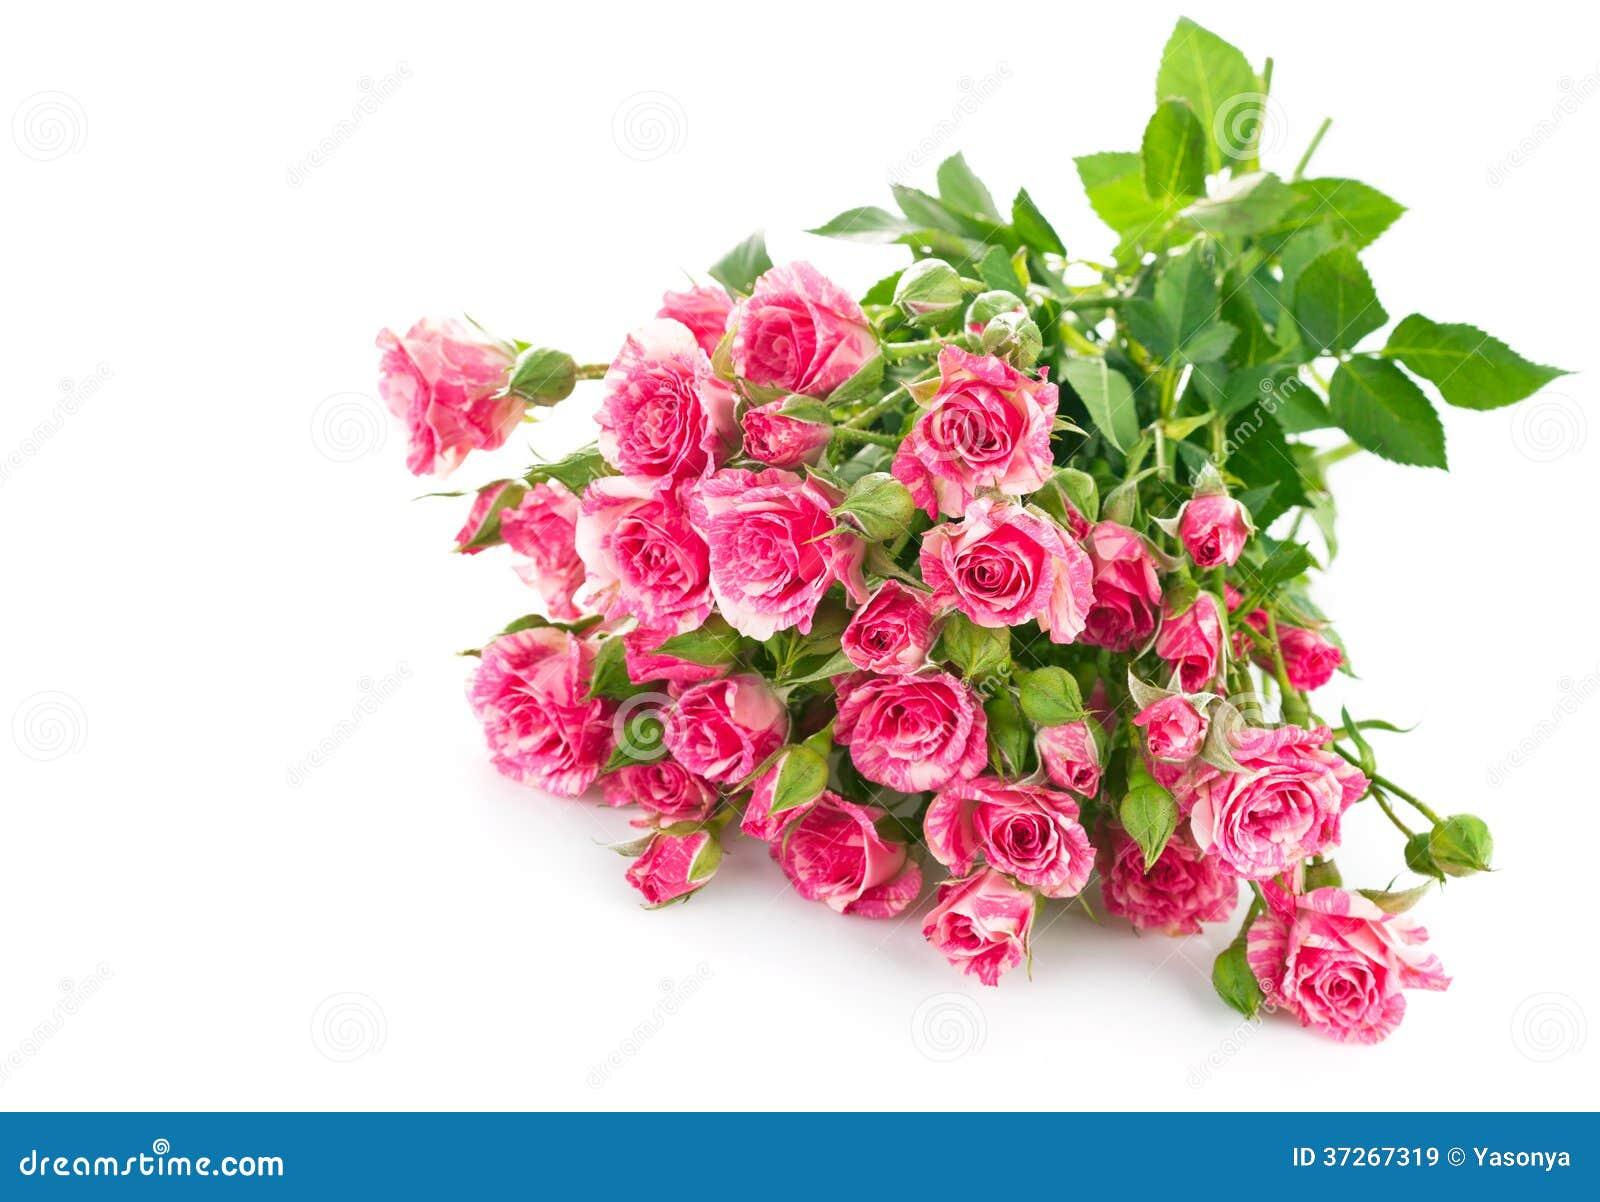 花束与绿色叶子的桃红色玫瑰